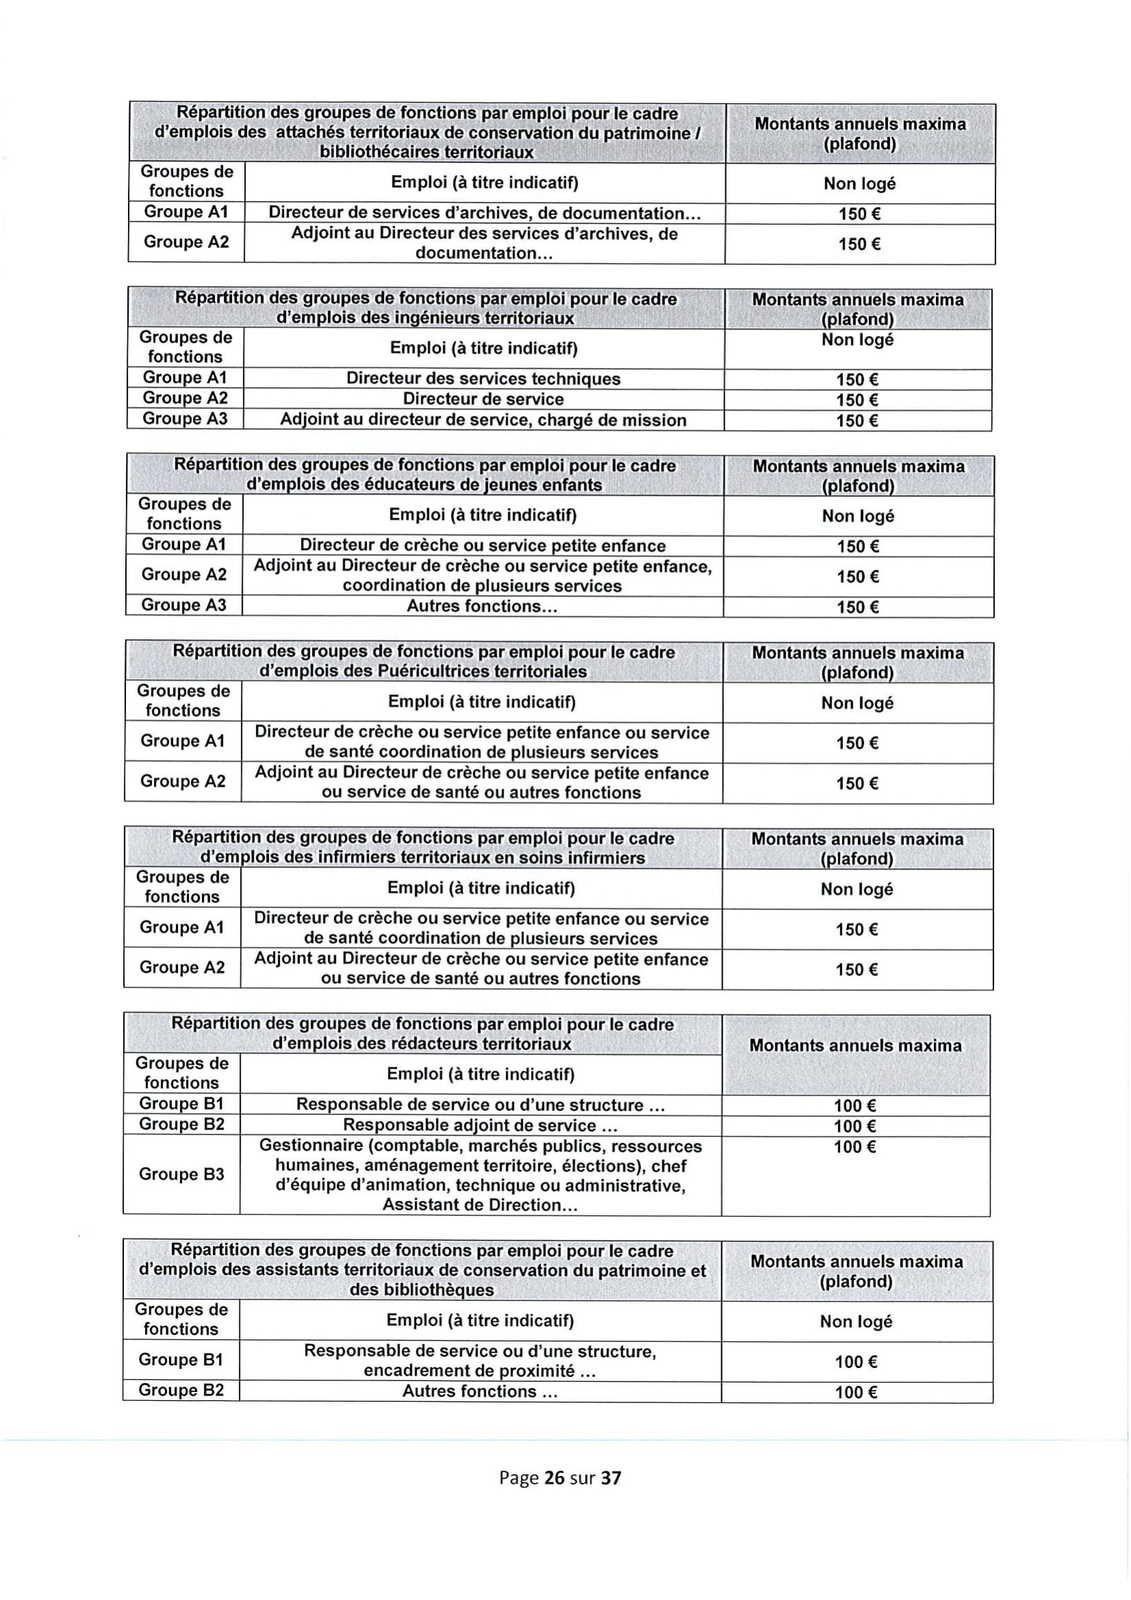 Conseil municipal du 3 juillet 2020 : le compte-rendu officiel est en ligne